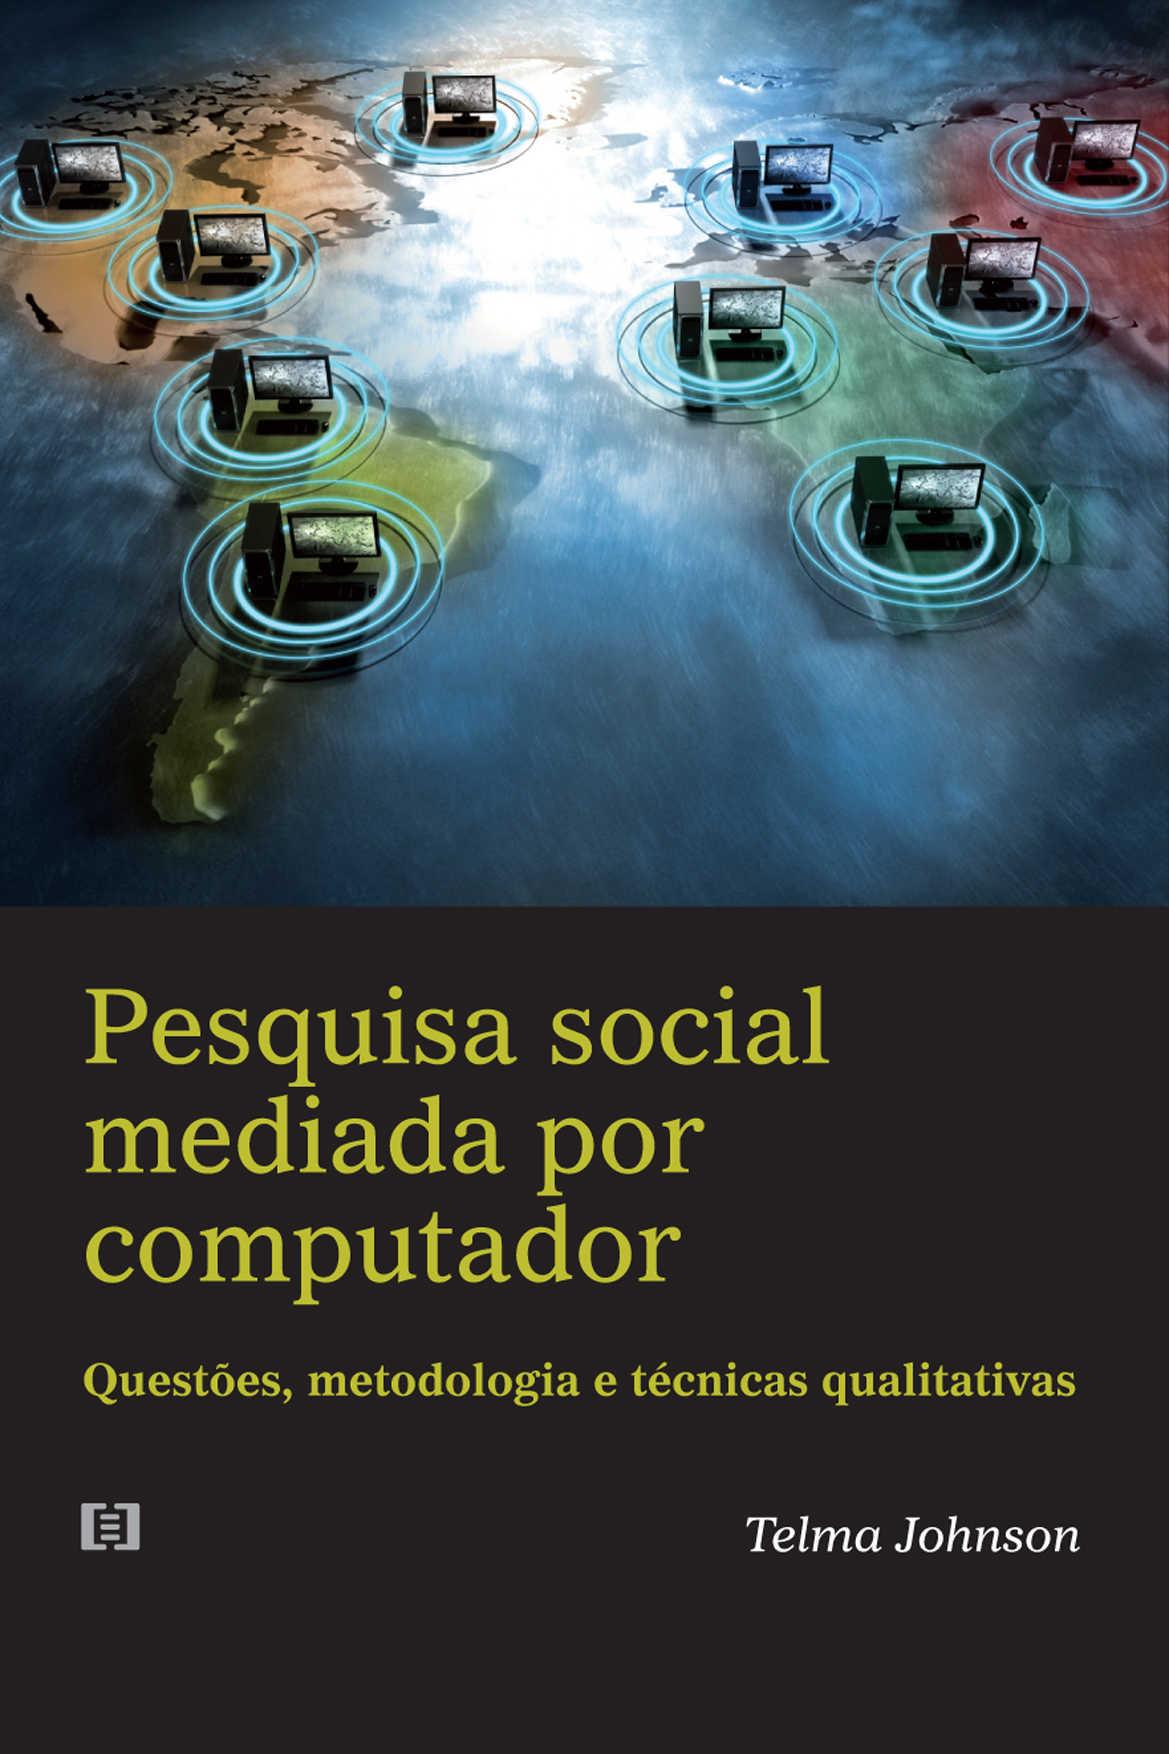 Pesquisa social mediada por computador: Questões, metodologia  e técnicas qualitativas